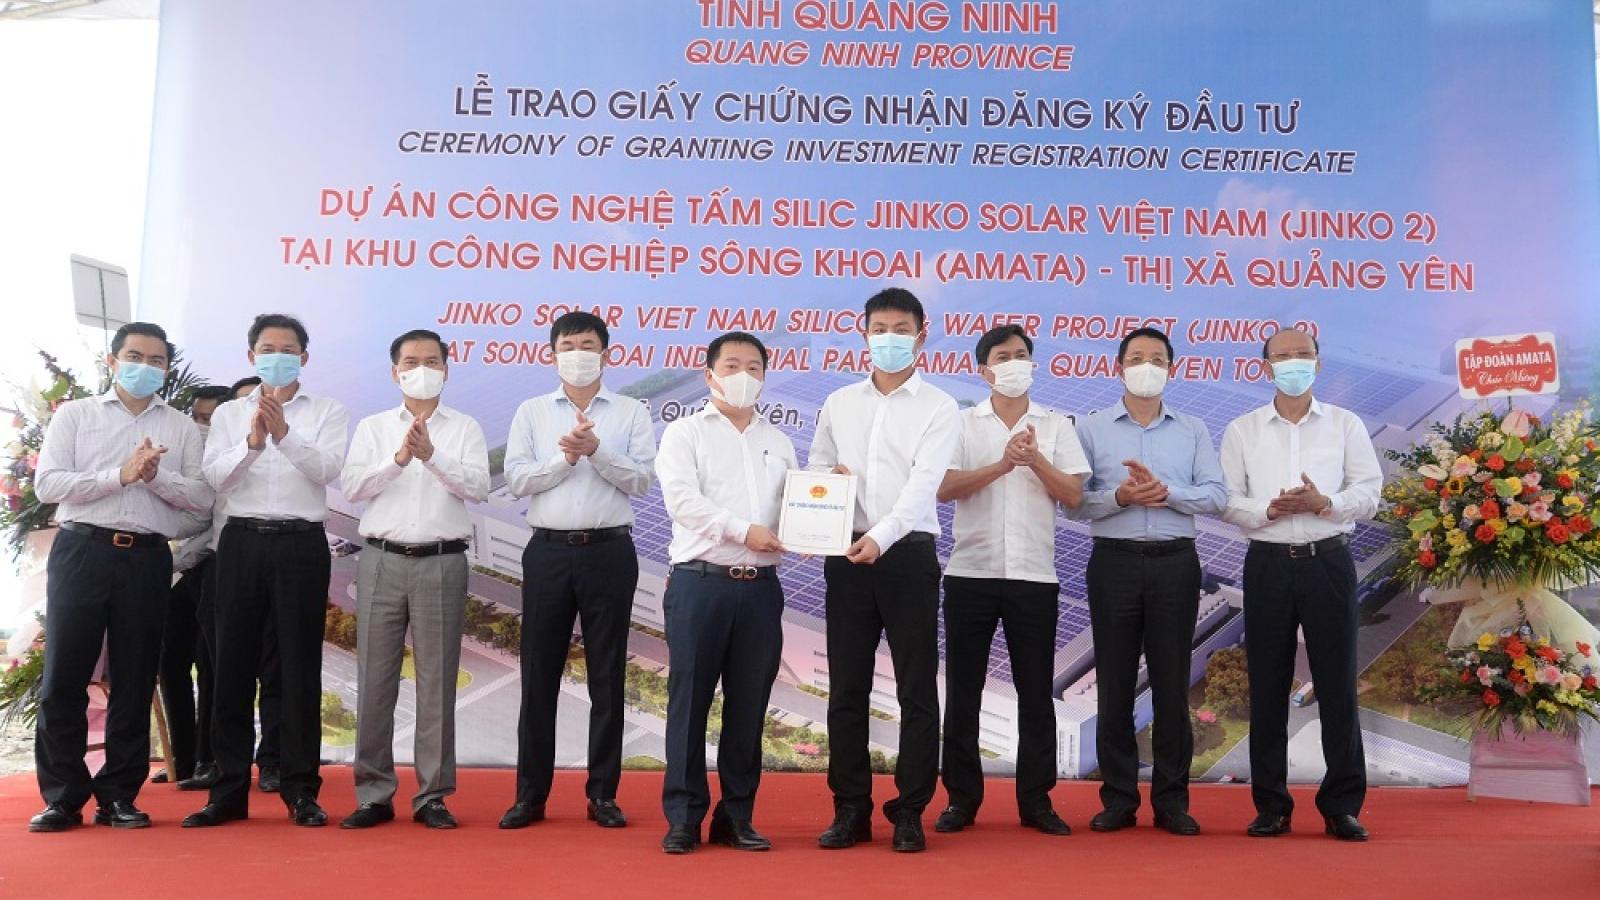 Thêm dự án 365 triệu USD đầu tư tại Khu công nghiệp Sông Khoai, Quảng Ninh